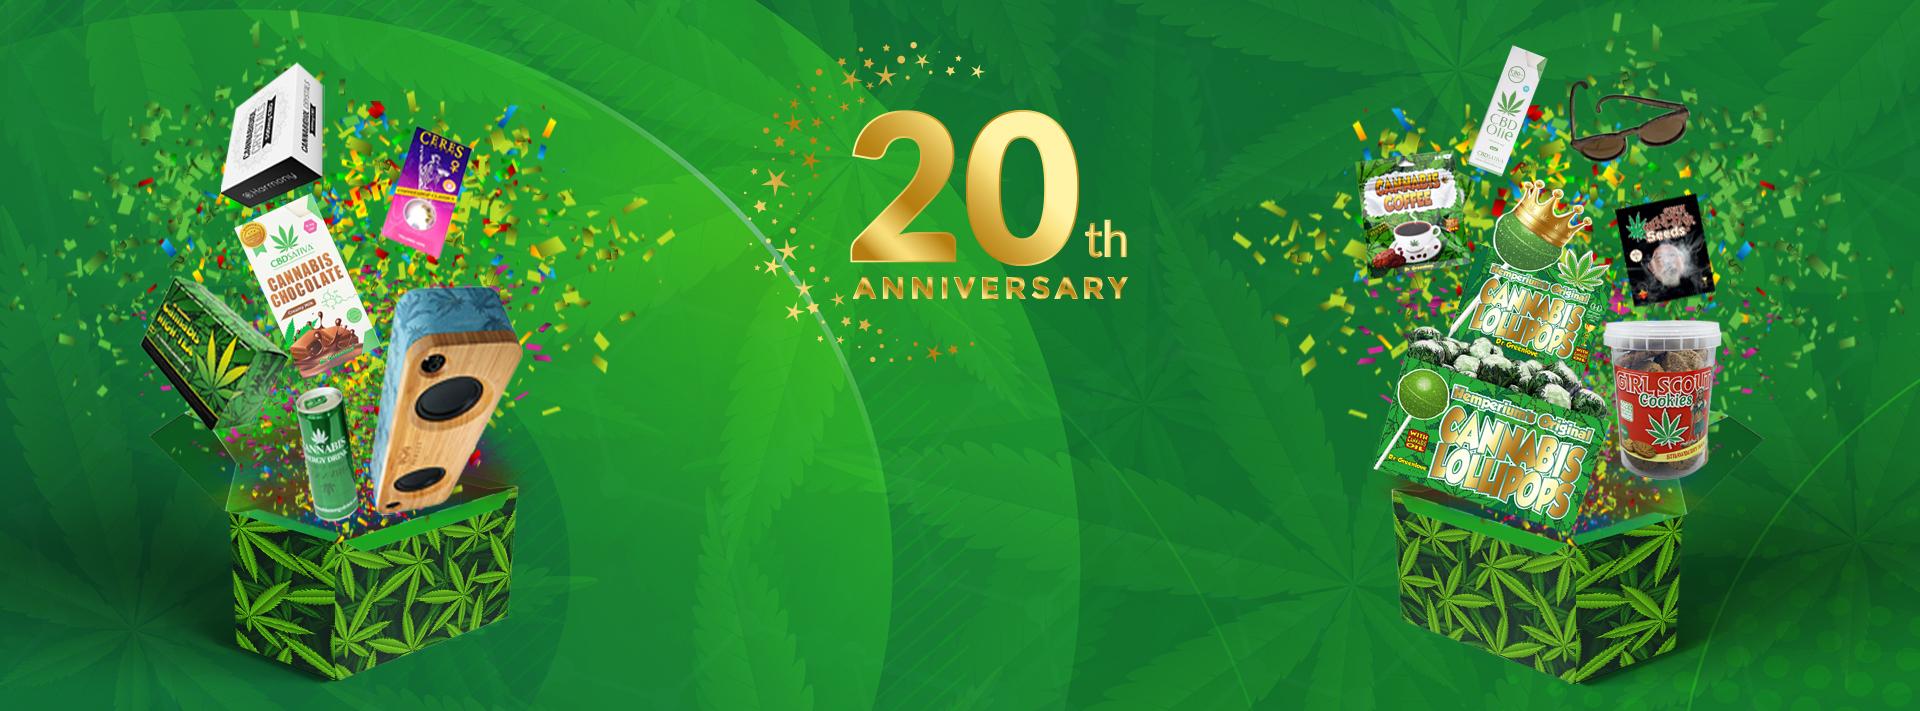 Hempshopper Amsterdam - 20 Years!